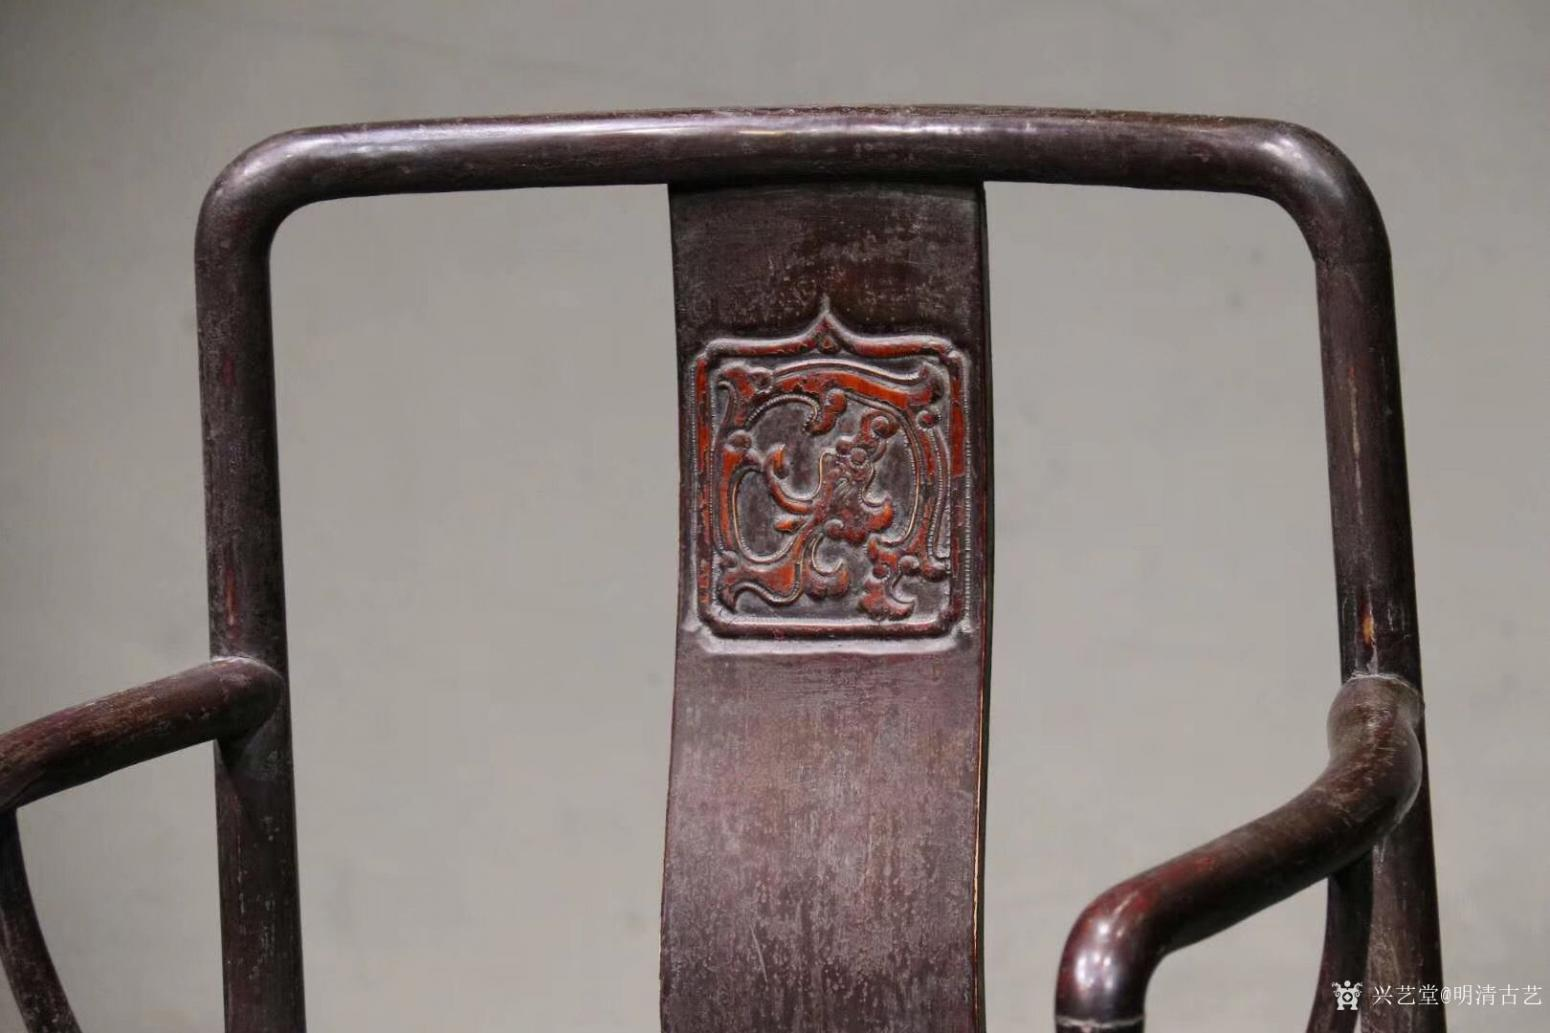 明清古艺文玩杂项作品《收藏品:明式楠木椅》【图0】